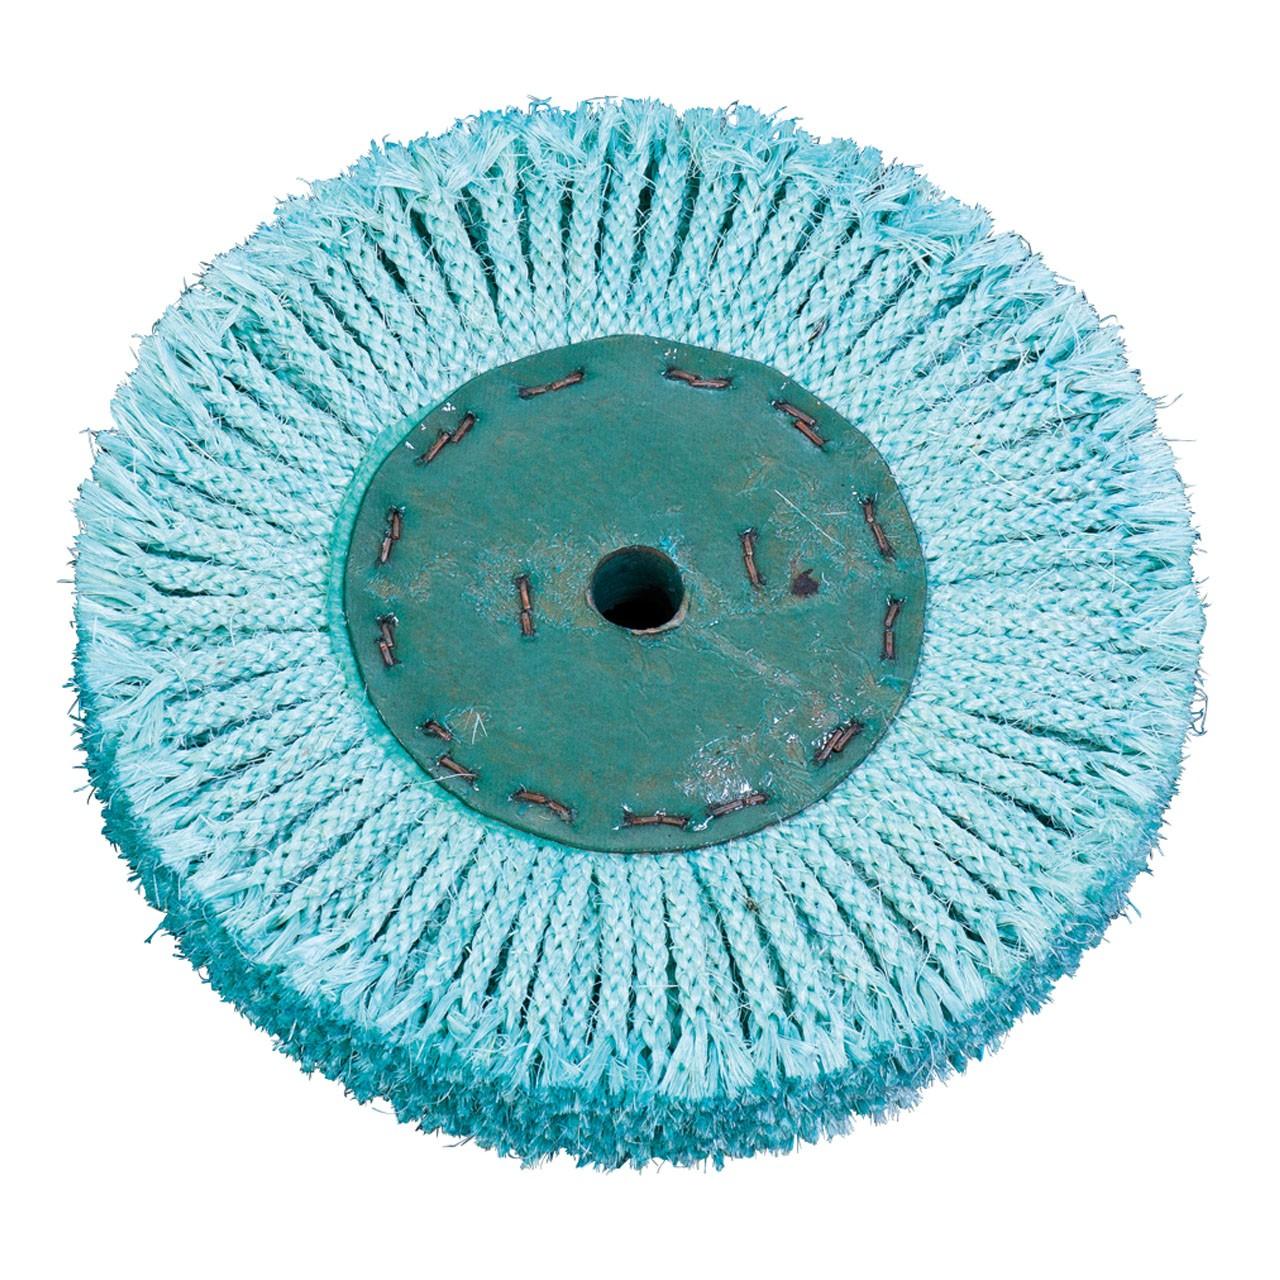 Sizalowa tarcza polerska - sznurek sizalowy zielony Ø 200 x 20 mm, Ø 16 mm BERNARDO